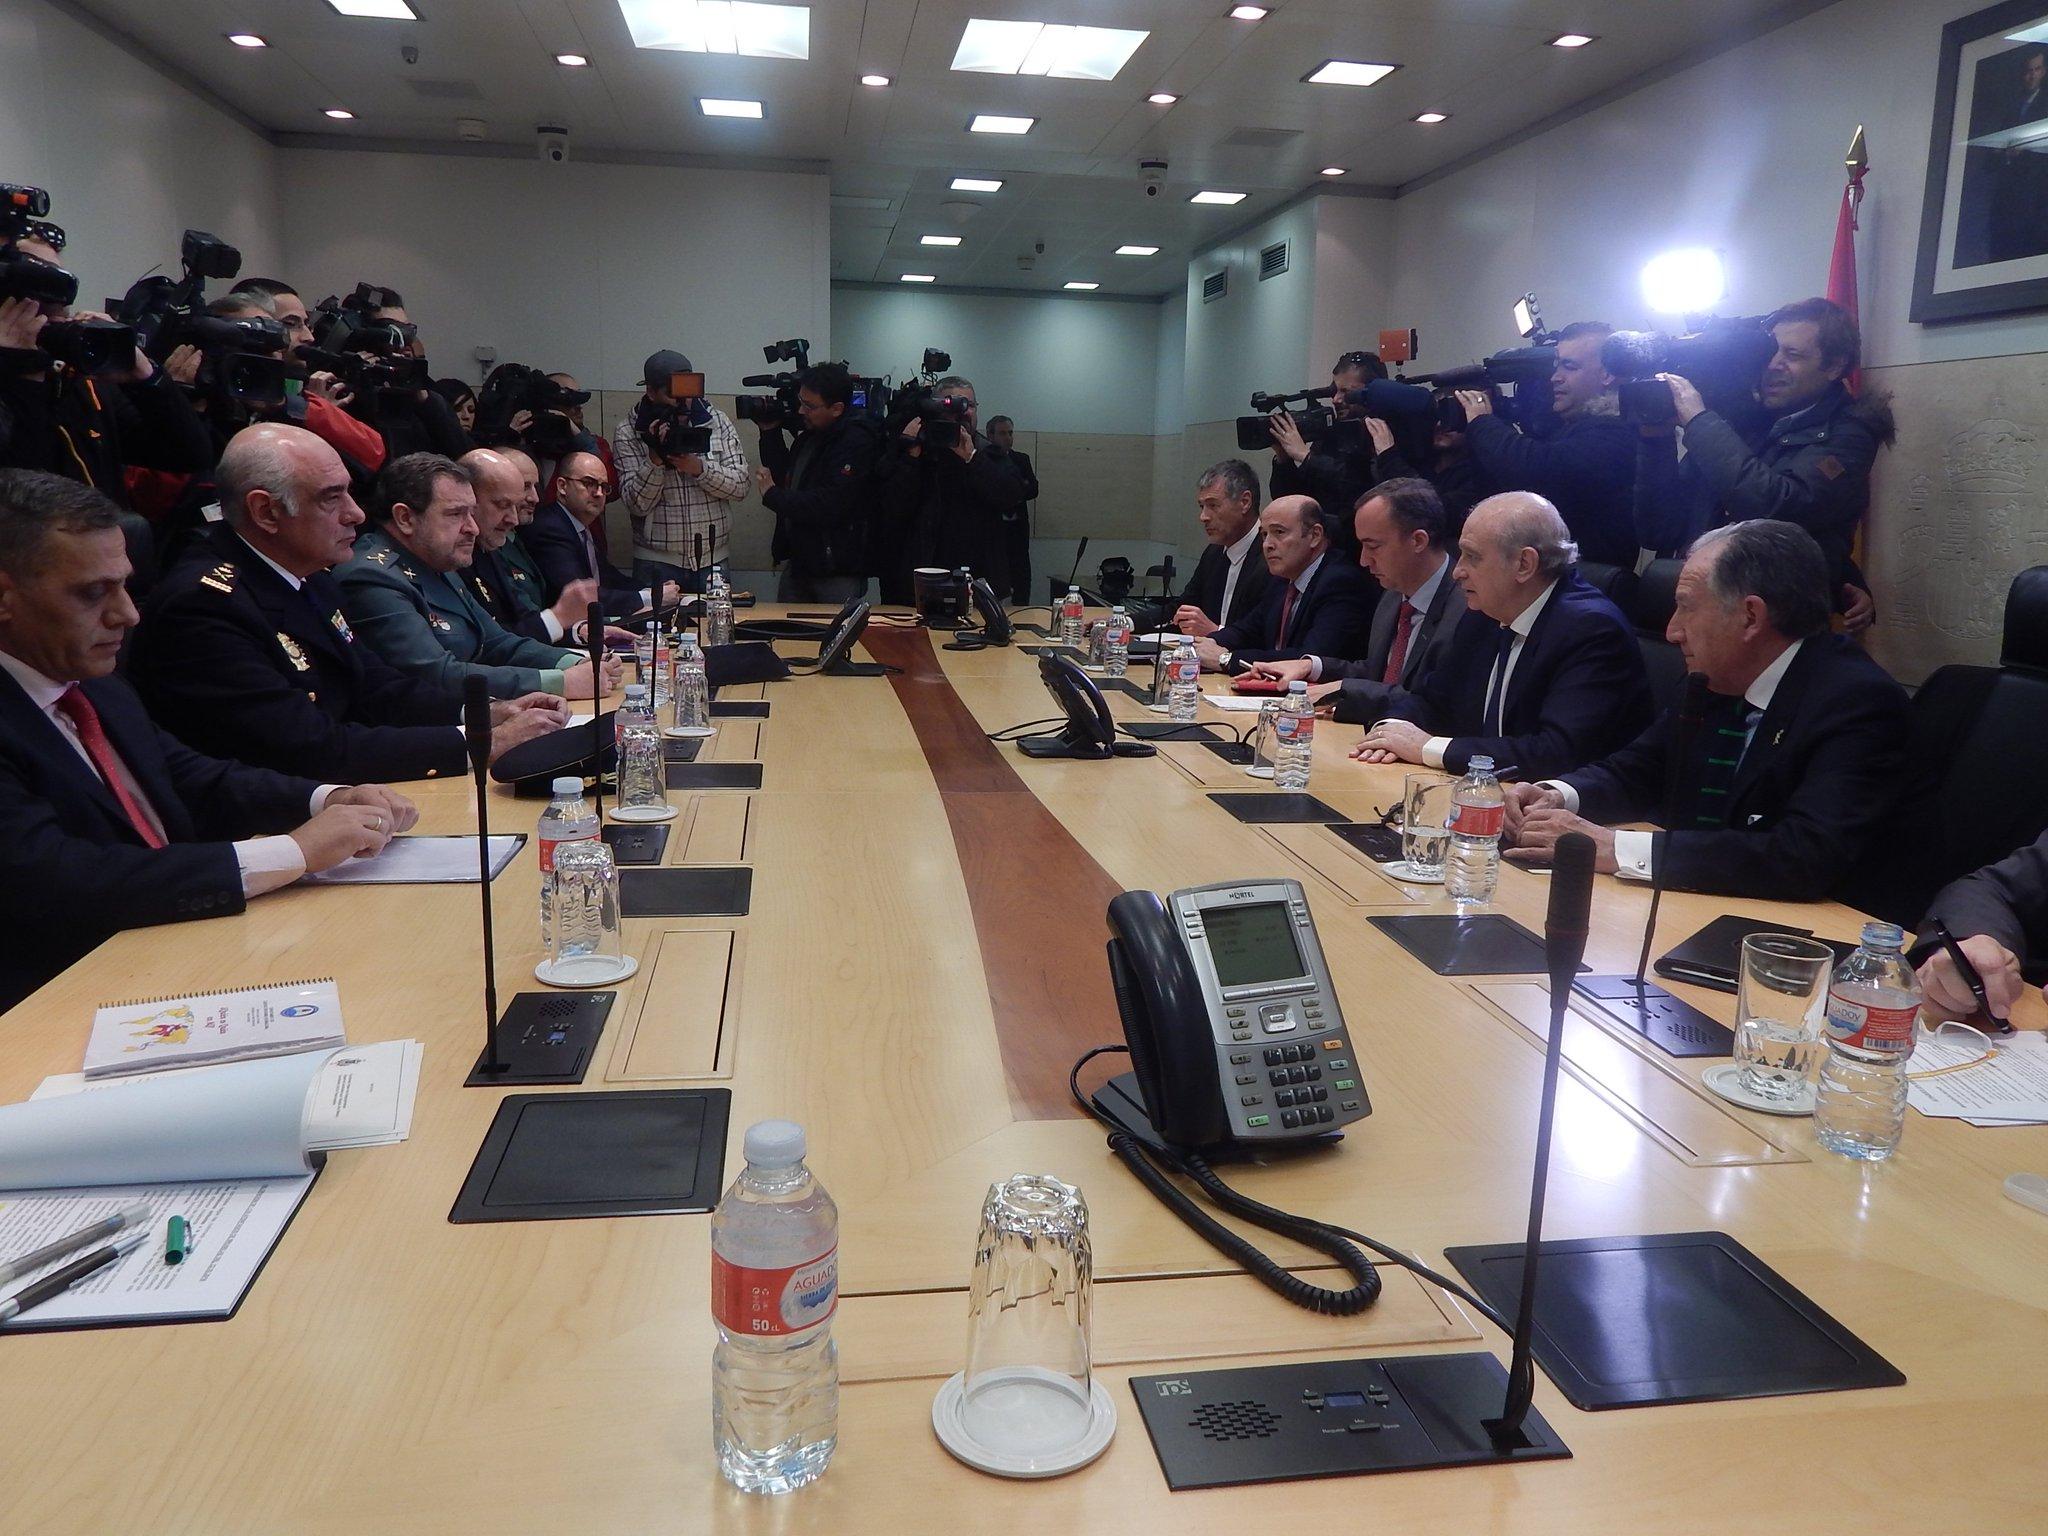 Ministerio interior on twitter la mesa de valoraci n de for Gobierno de espana ministerio del interior